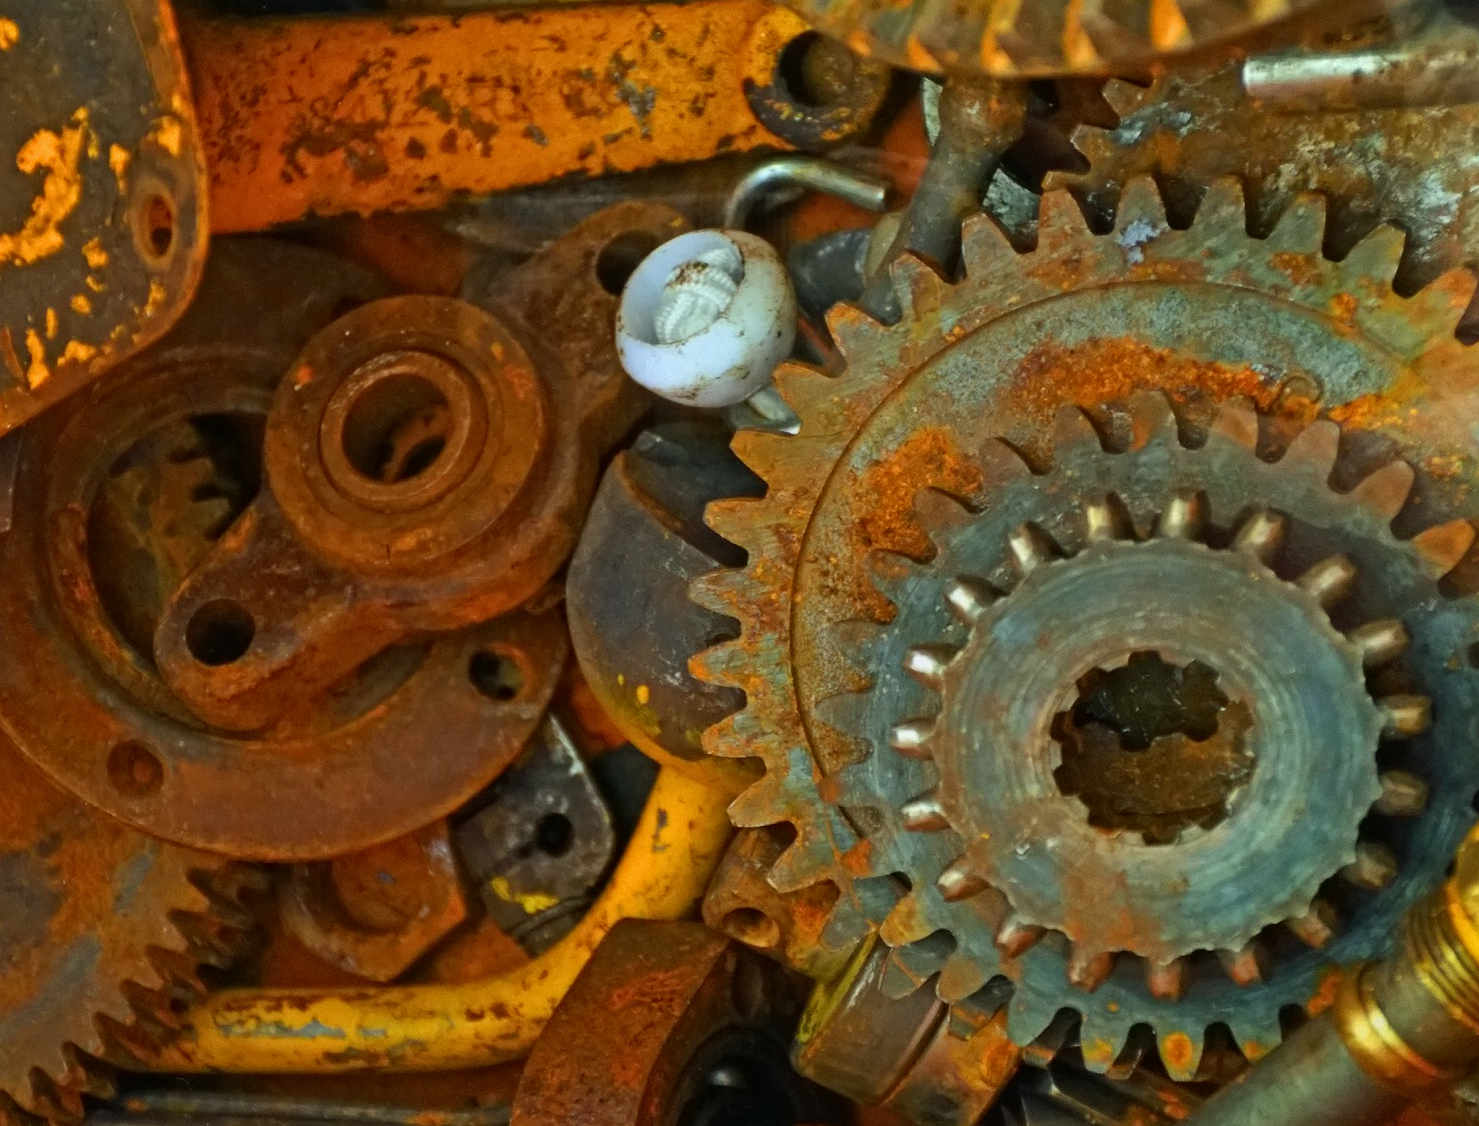 Gears by Joanne L. Orichella